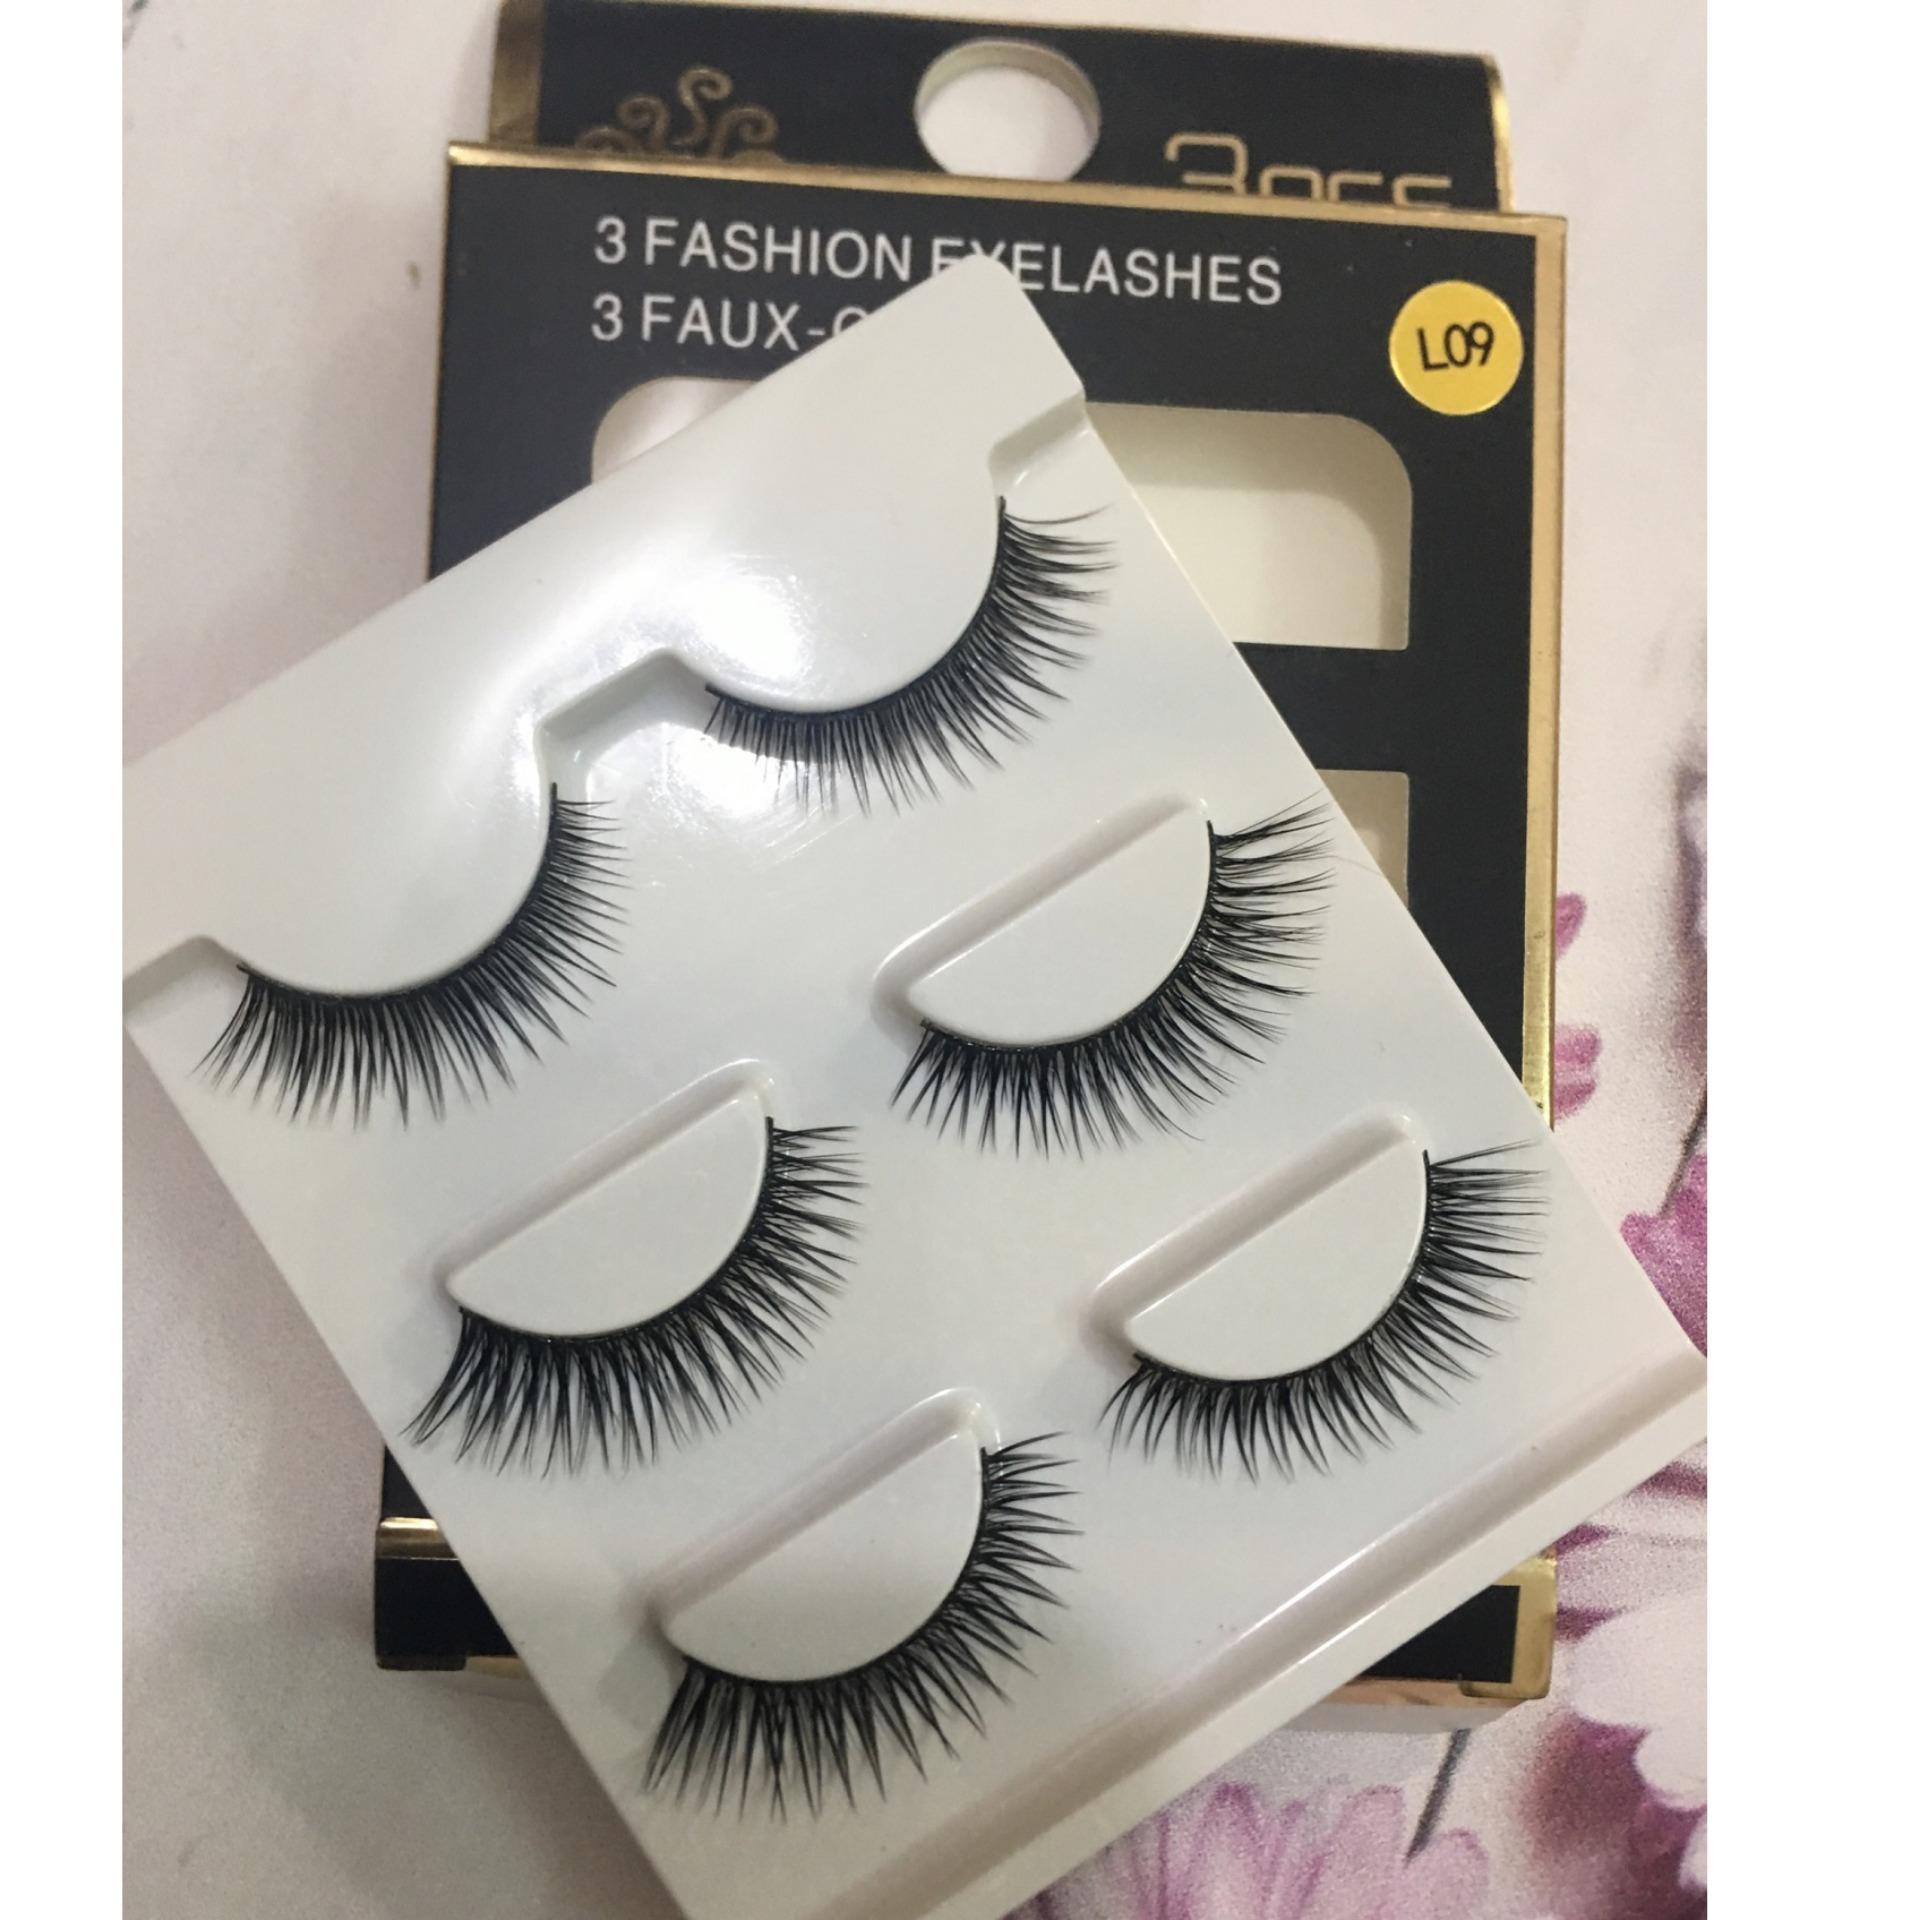 Lông mi giả 3D fashion eyelashes - 3D-L09 tốt nhất